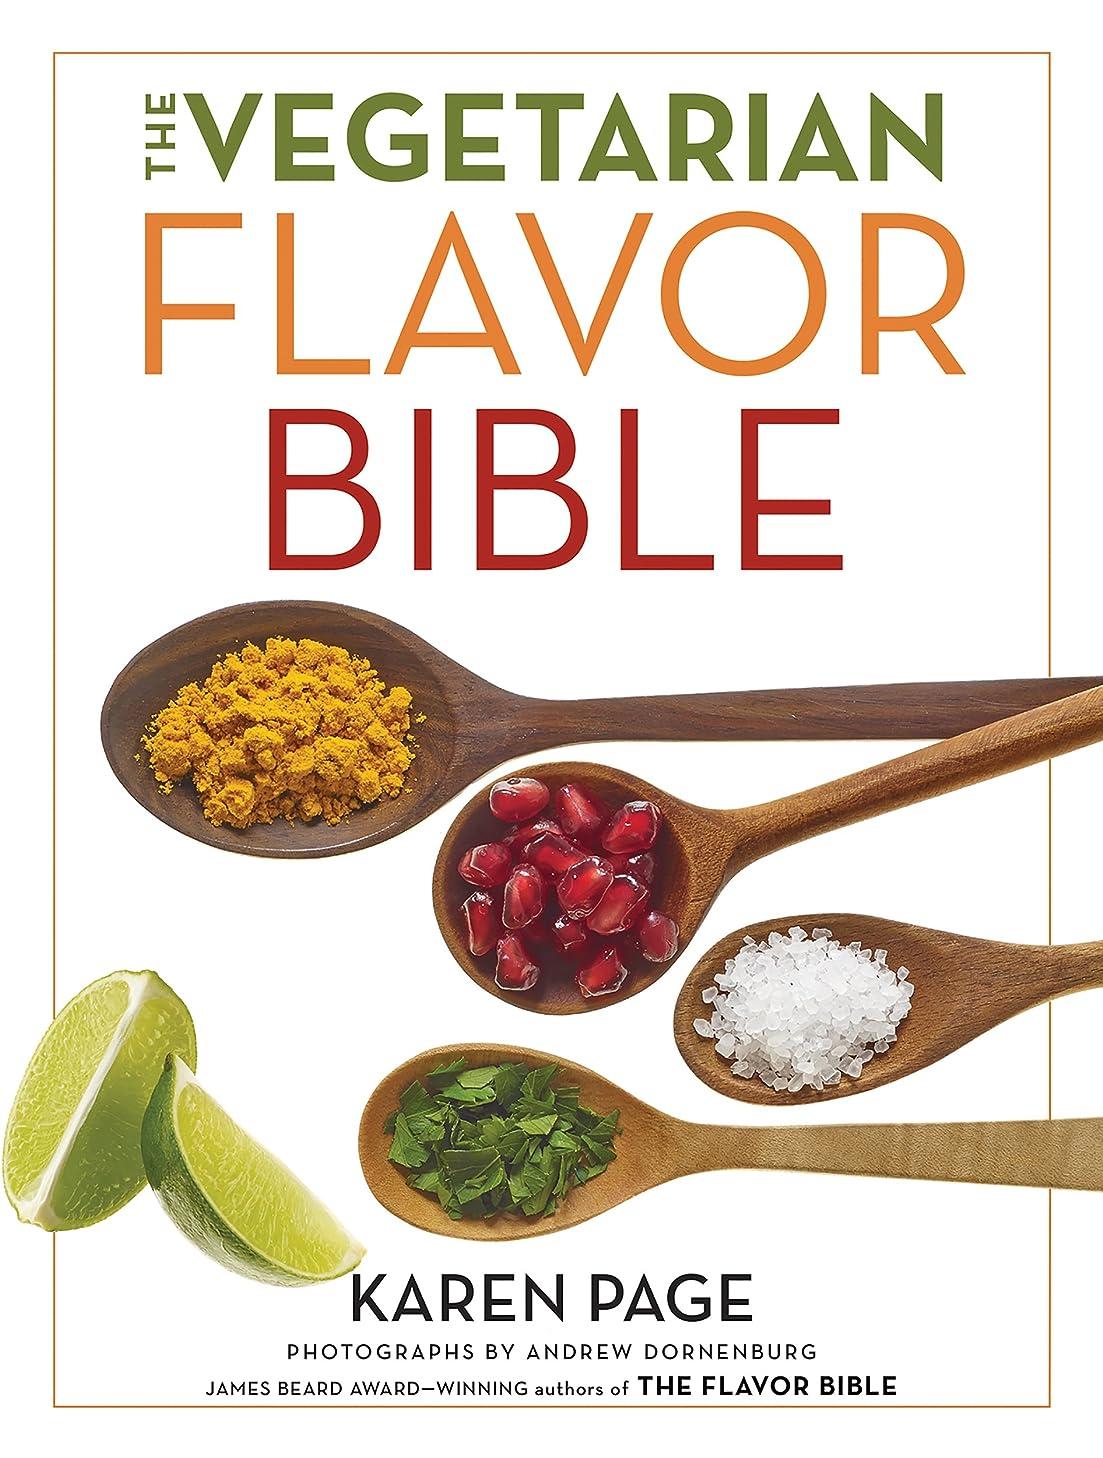 ポンド献身伸ばすThe Vegetarian Flavor Bible: The Essential Guide to Culinary Creativity with Vegetables, Fruits, Grains, Legumes, Nuts, Seeds, and More, Based on the Wisdom of Leading American Chefs (English Edition)